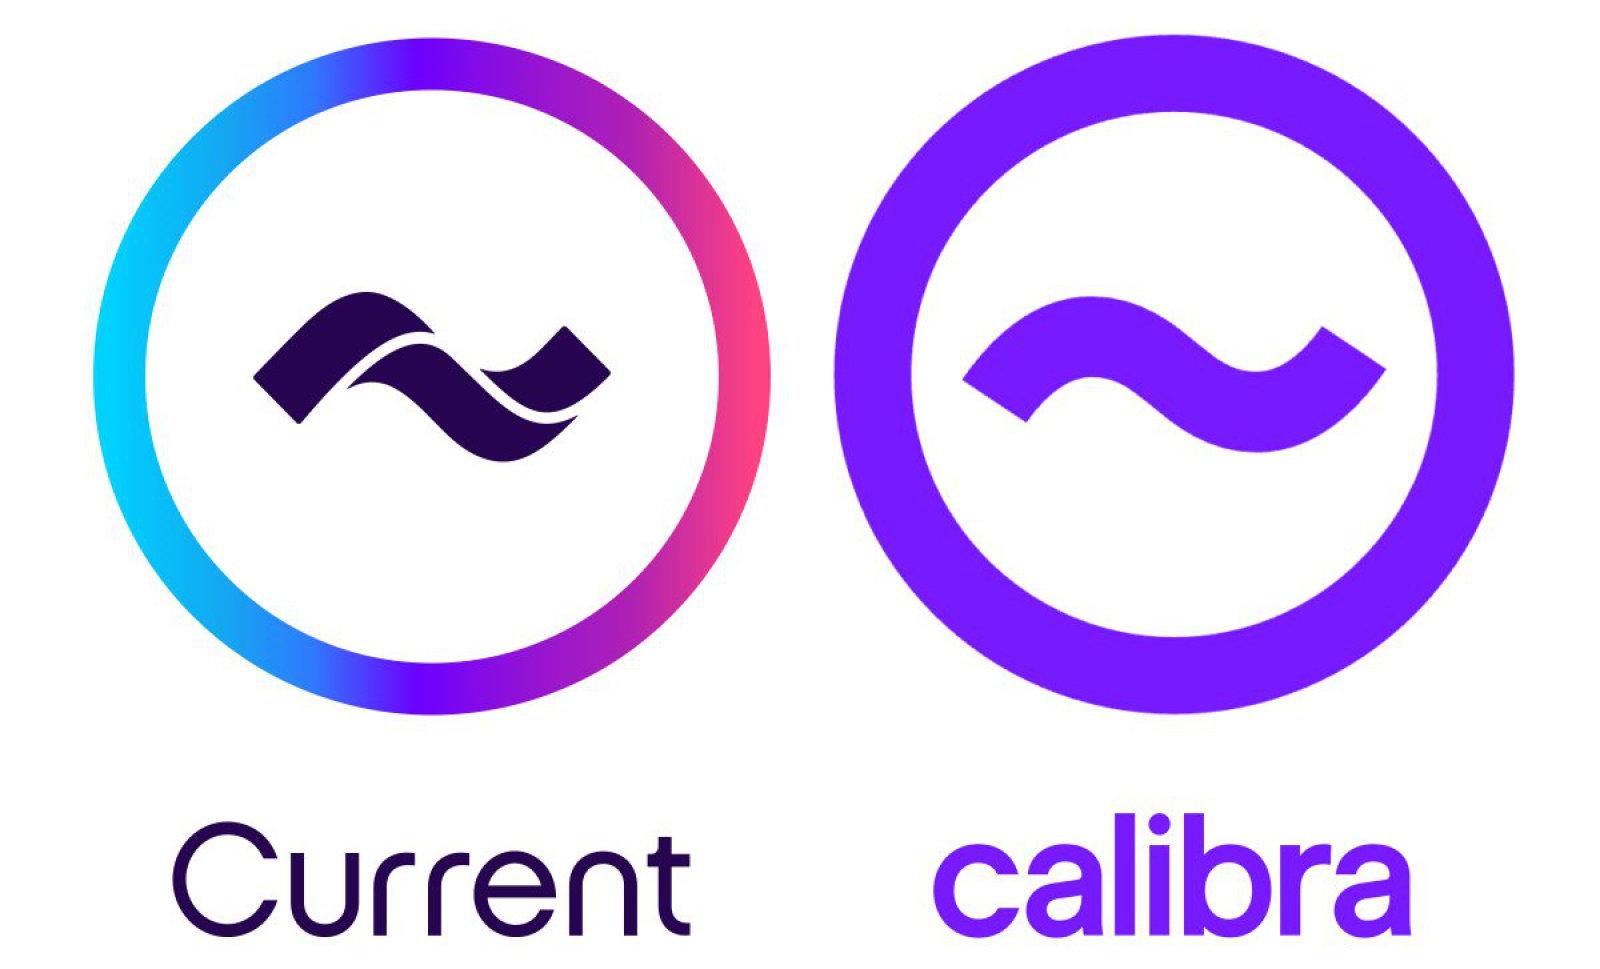 仮想通貨Libraの専用ウォレット「Calibra」、他社のロゴパクリ疑惑で訴訟へ!